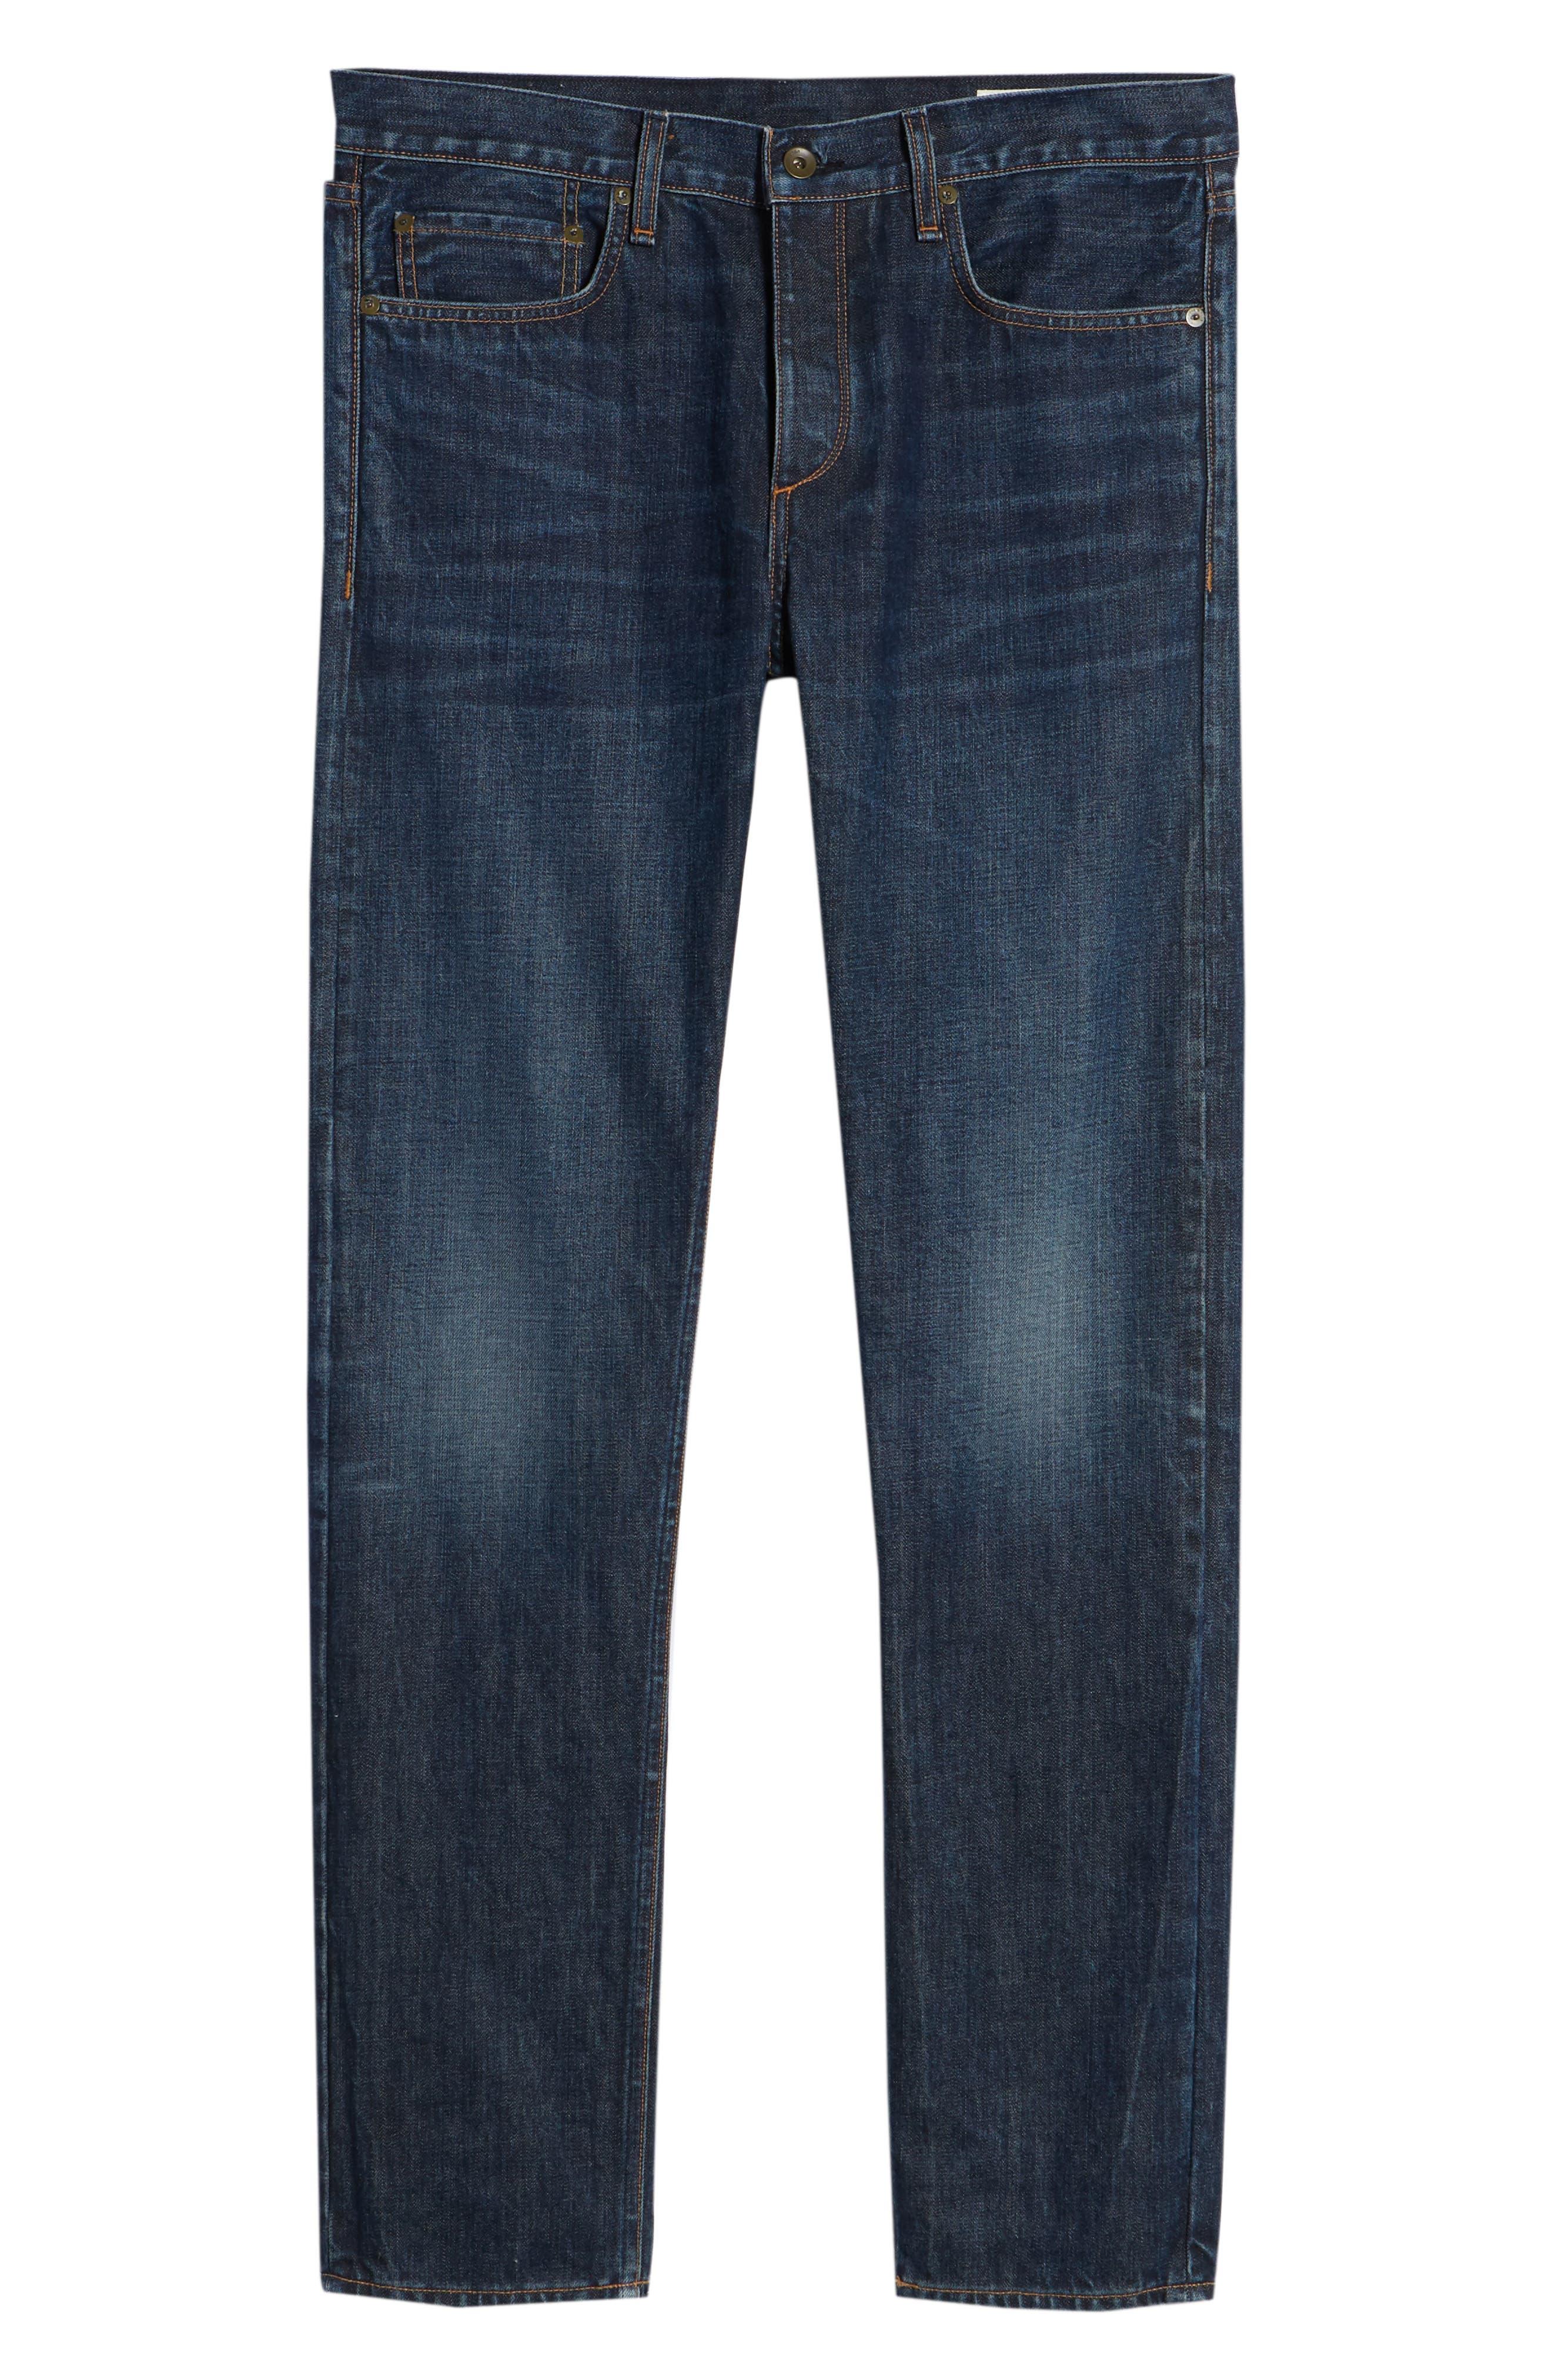 Fit 2 Slim Fit Jeans,                             Alternate thumbnail 6, color,                             GLASTONBURY